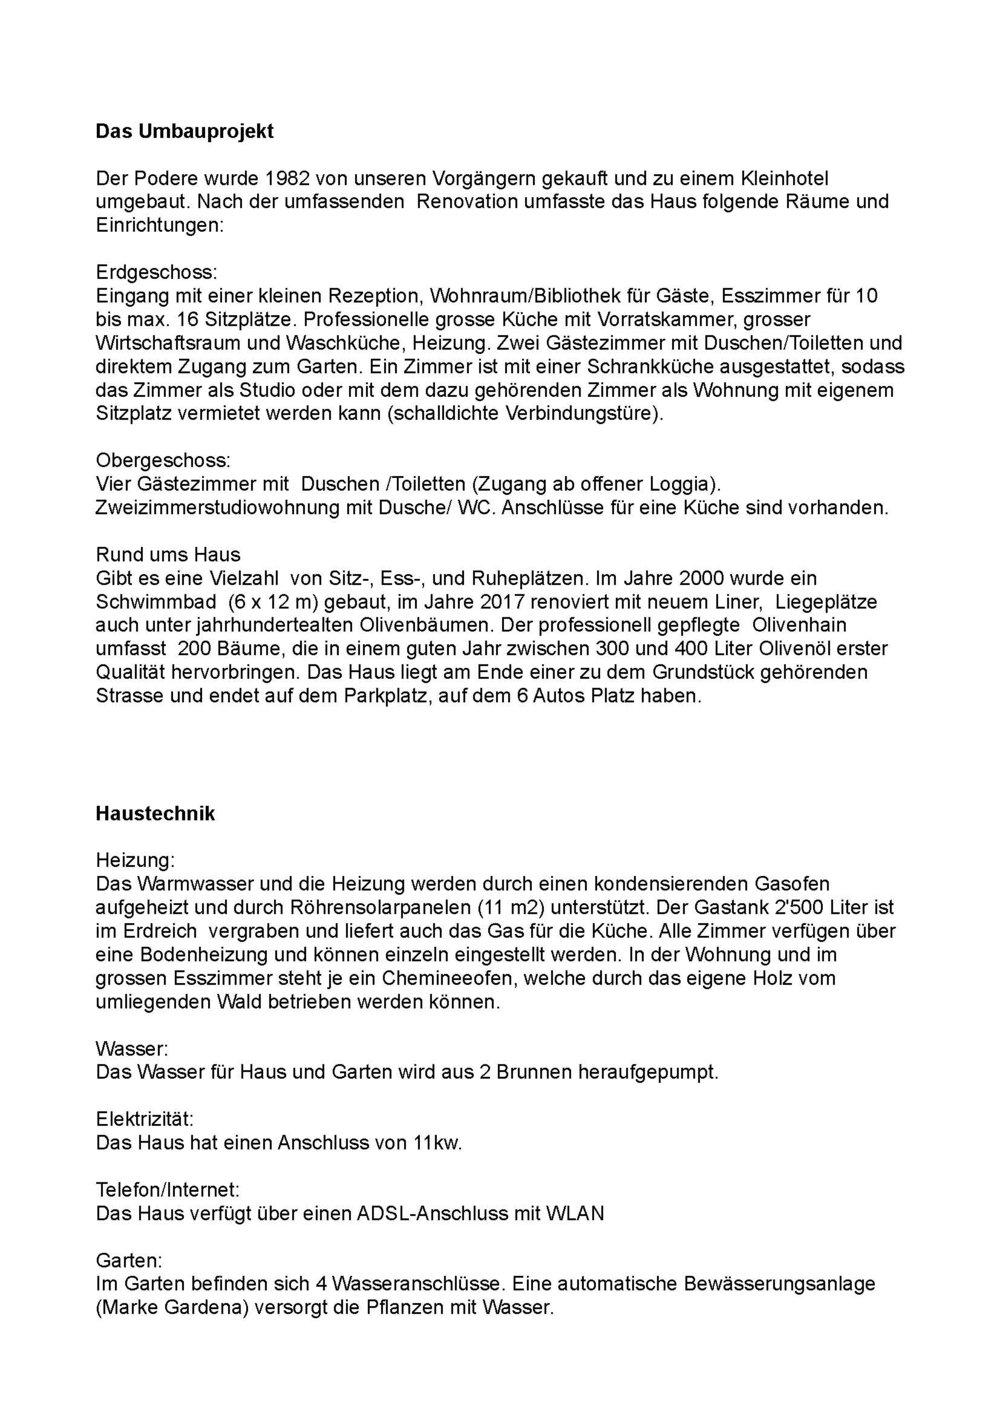 Kleiner Steckbrief zum Podere Mencoini_geschwärzt_Seite_2.jpg